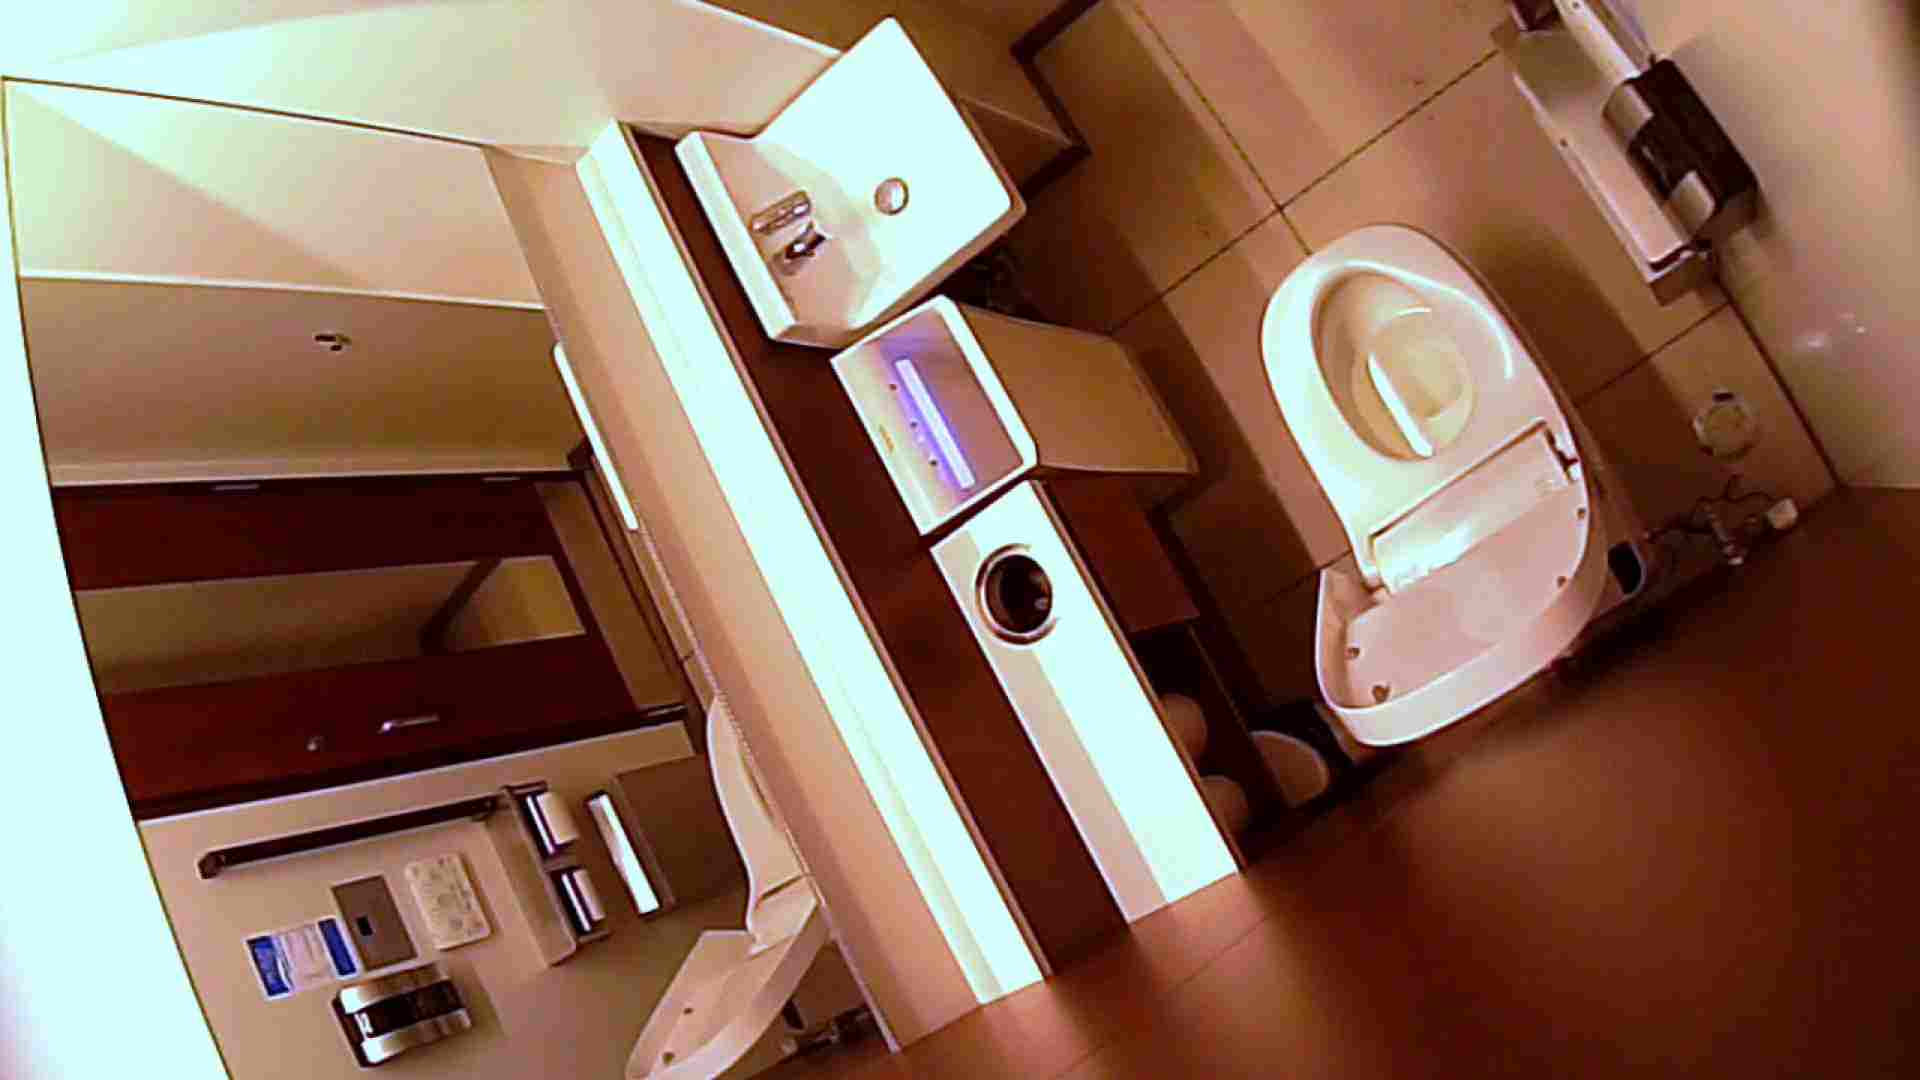 すみませんが覗かせてください Vol.32 トイレ | 0  102pic 38